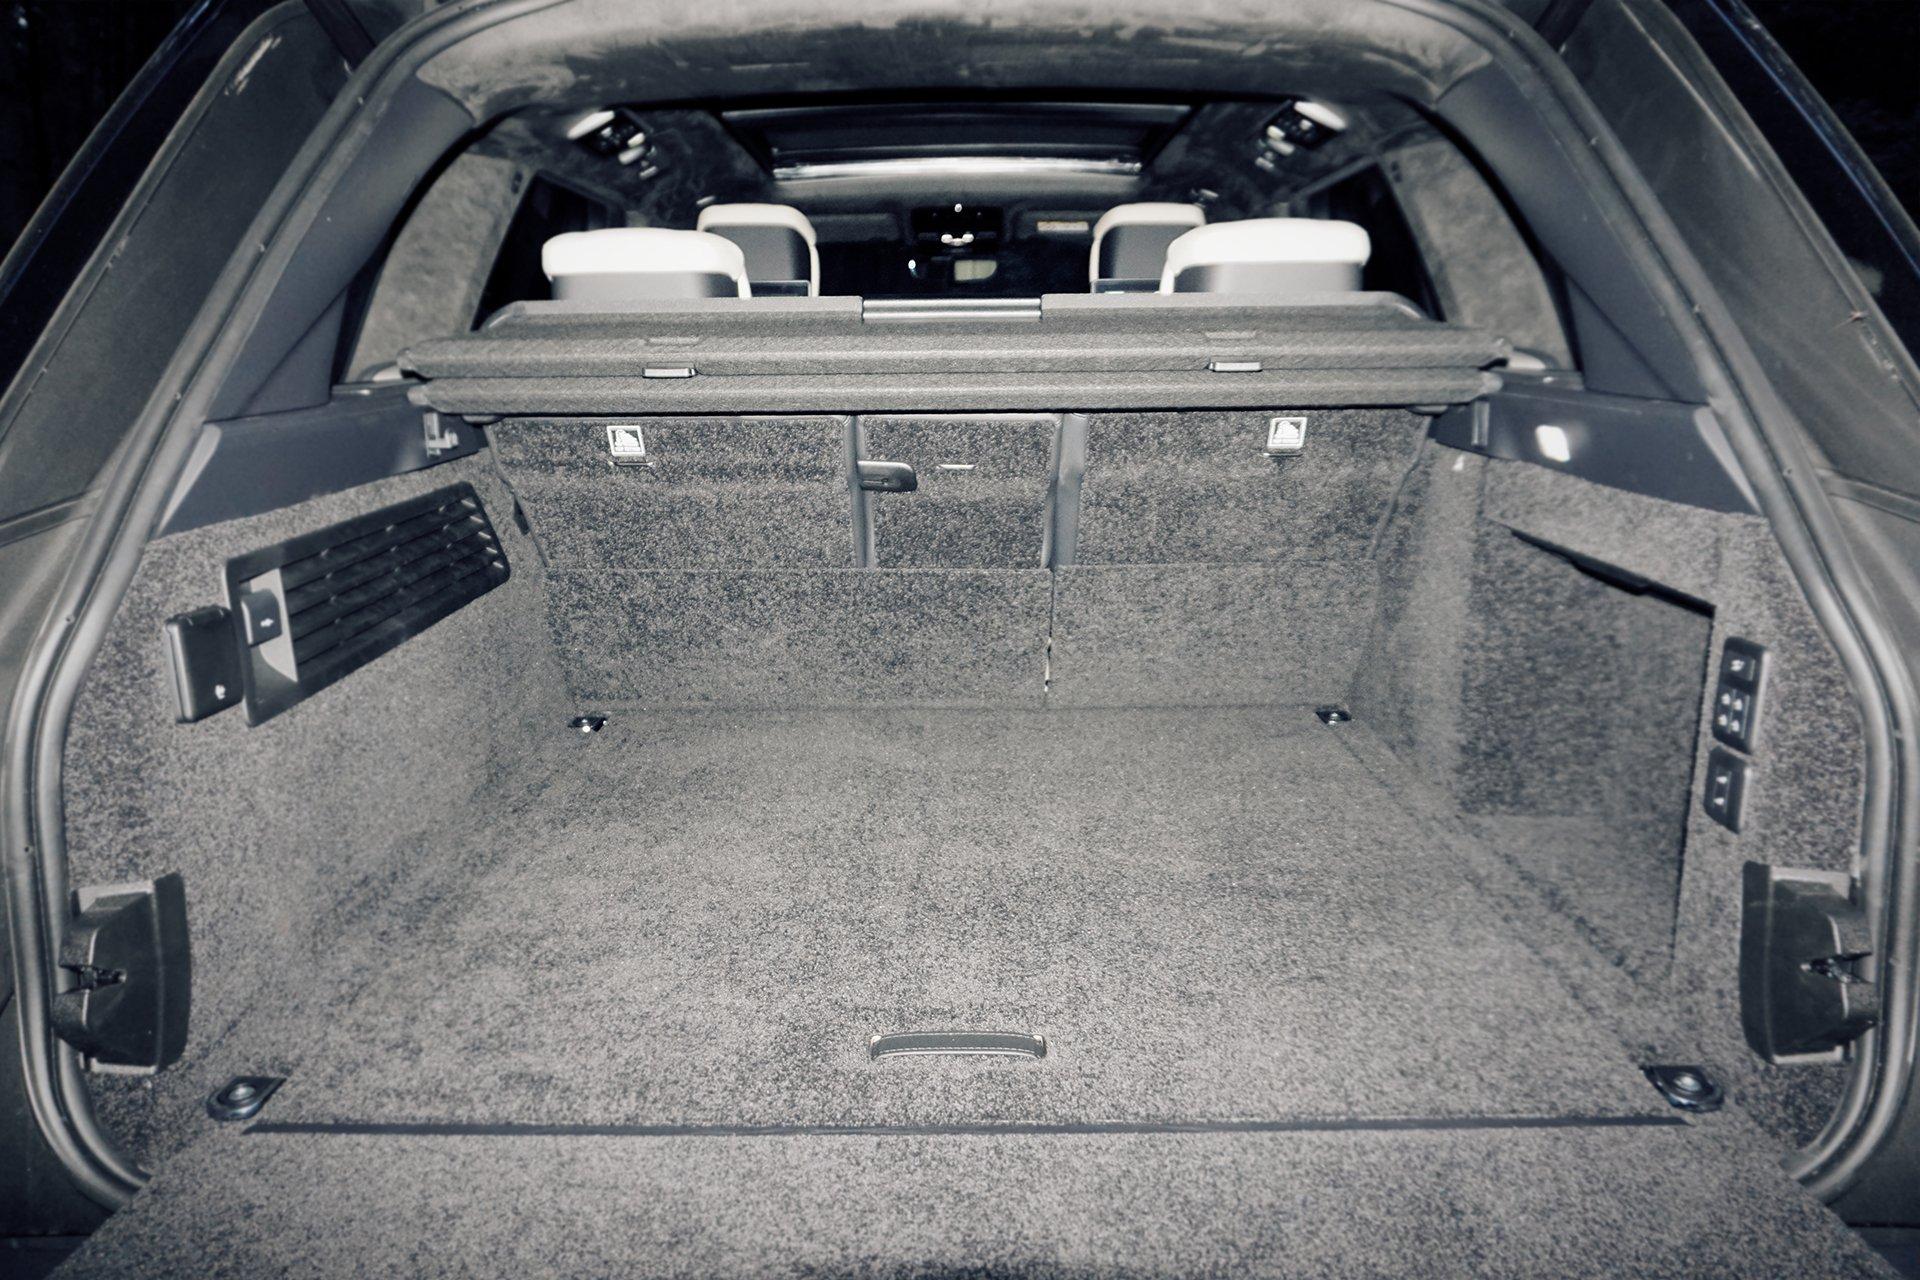 Тест-драйв обновленного Range Rover V8: вершина инженерной мысли или маркетинговый проект?